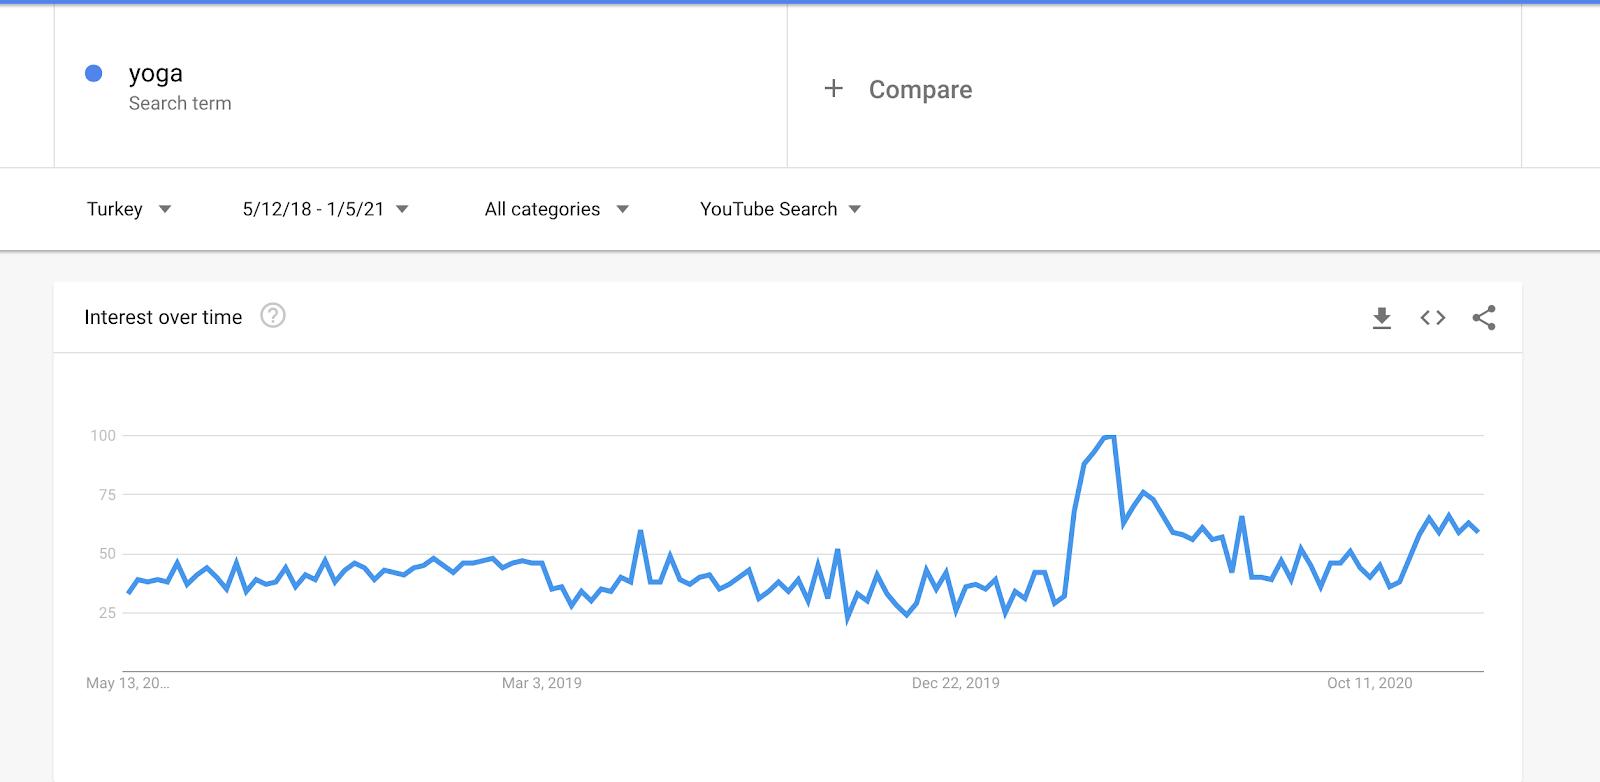 Google Trends'ten alınan Youtube da son 3 yıla göre Yoga kelimesinin aratılması